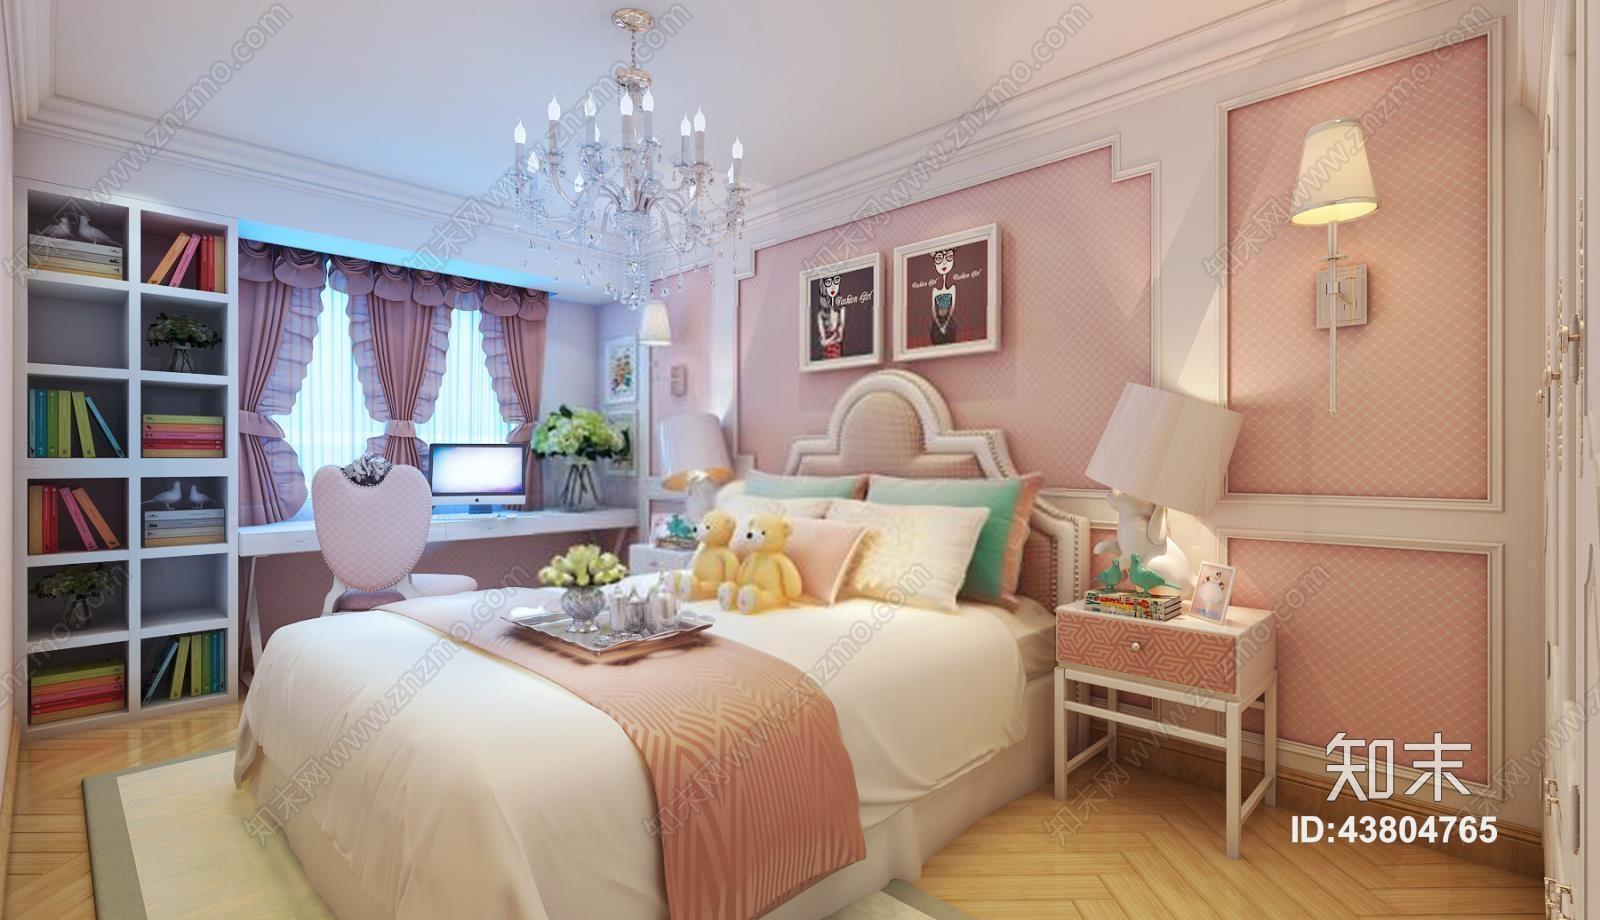 儿童房 女儿房 公主房模型 现代儿童房 儿童床 书桌椅 书柜 床头柜